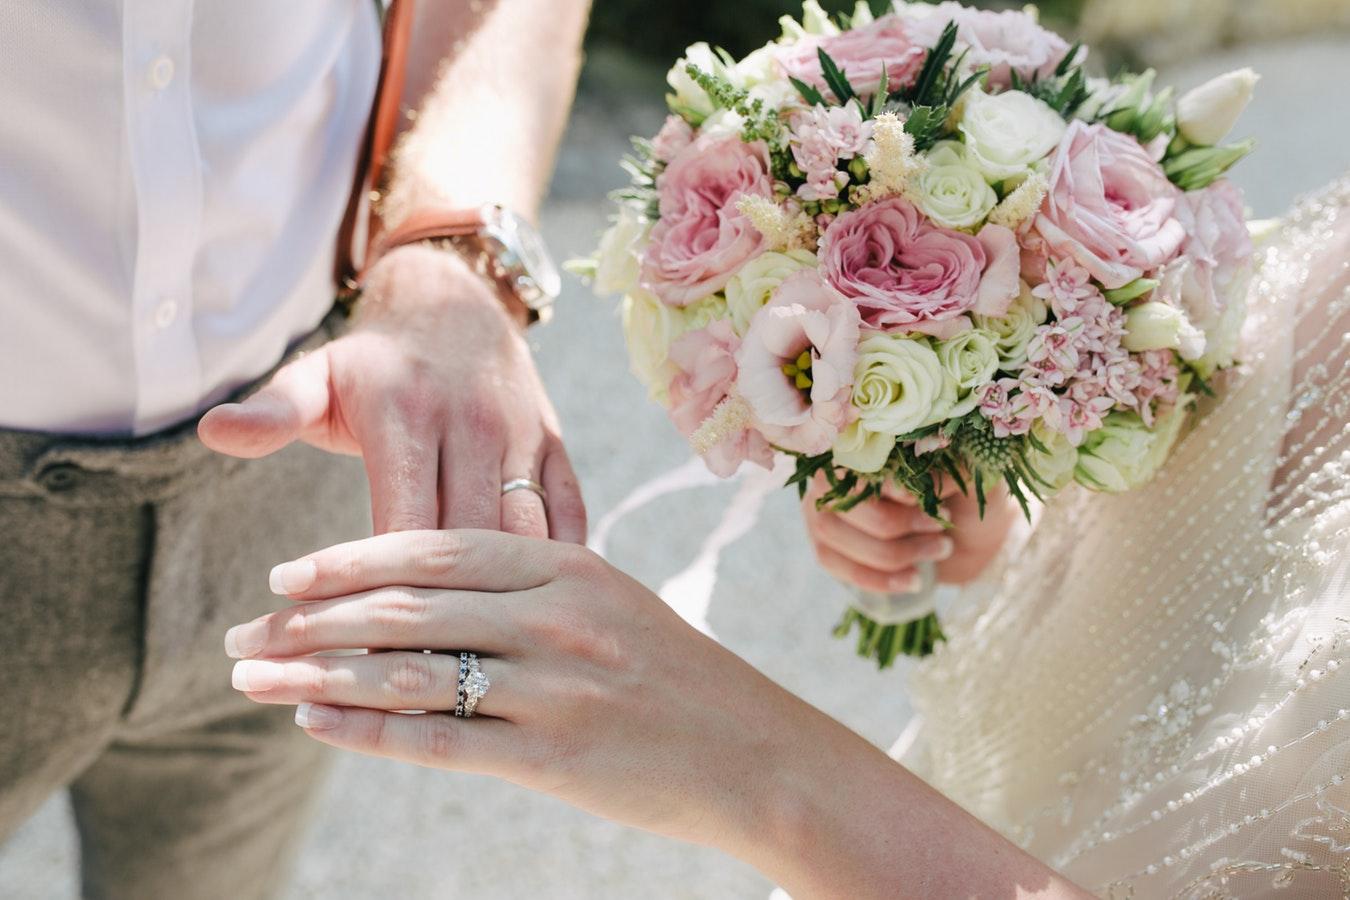 Frasi Di Matrimonio Celebri.Le Frasi Di Matrimonio Dei Poeti Piu Famosi Per Celebrare Il